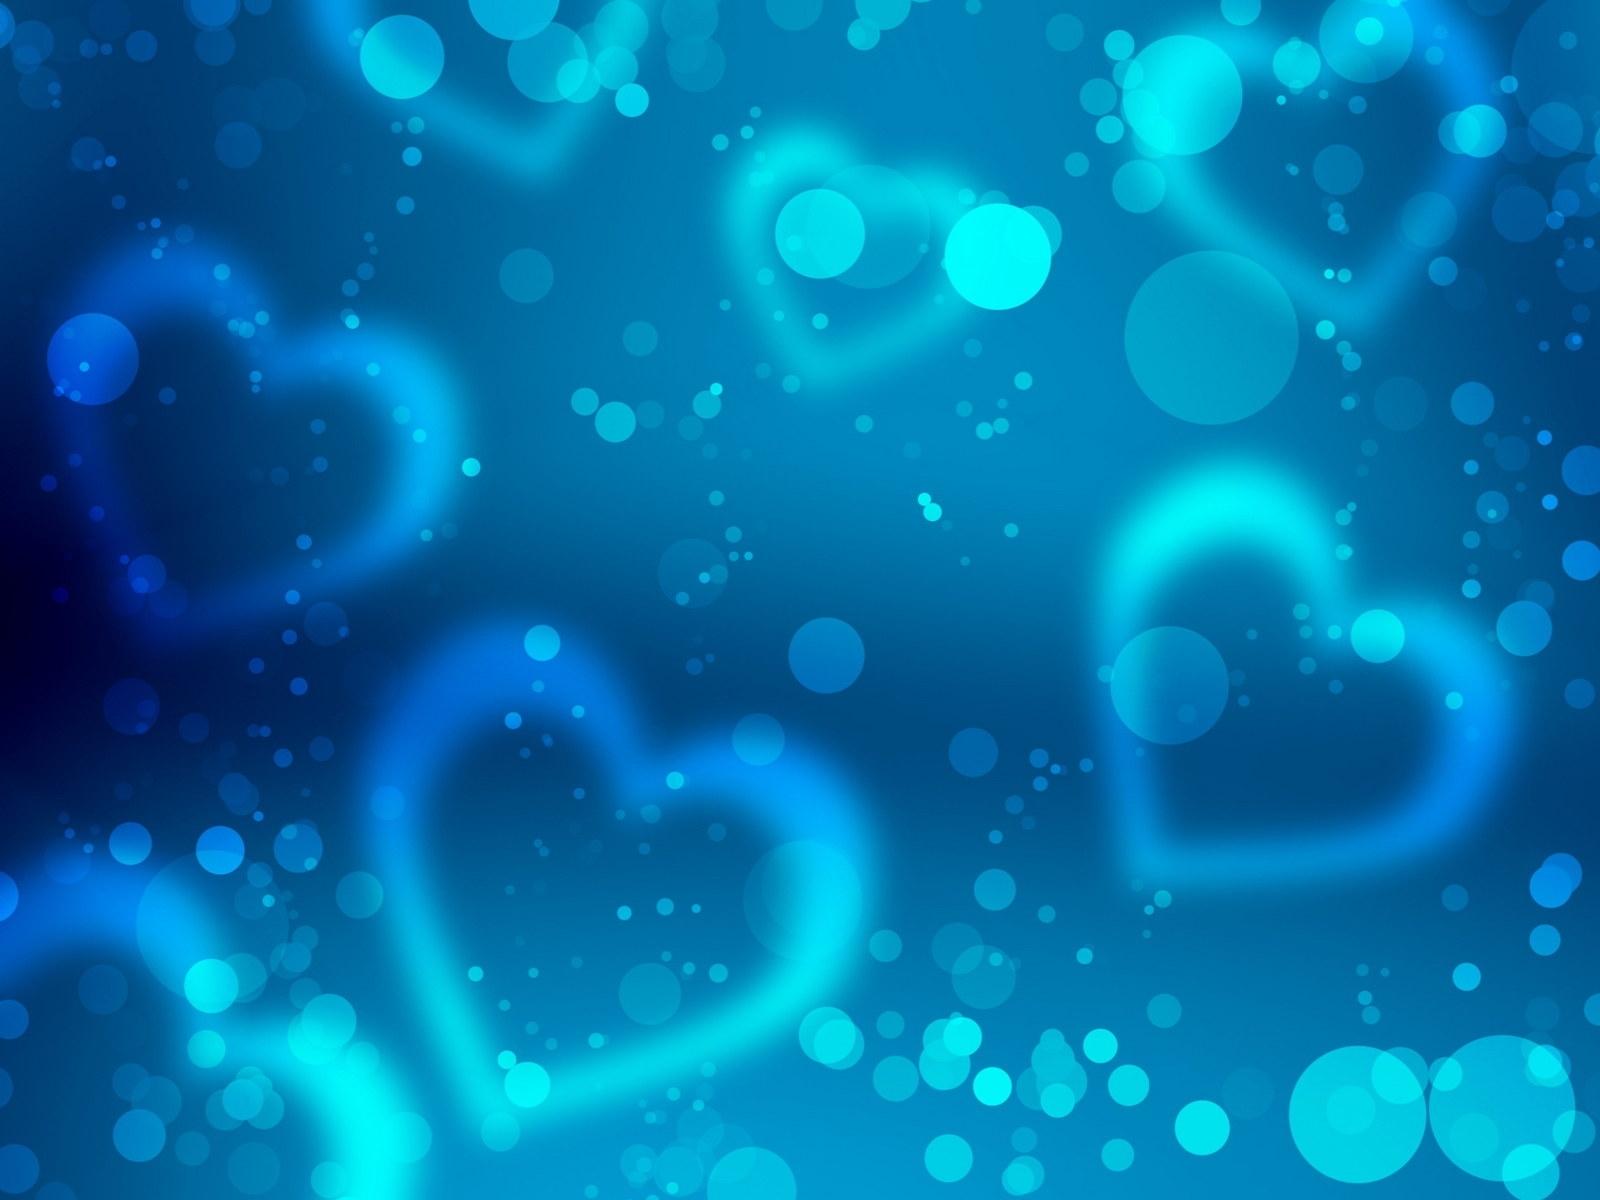 7290 скачать Бирюзовые обои на телефон бесплатно, Праздники, Фон, Сердца, Любовь, День Святого Валентина (Valentine's Day) Бирюзовые картинки и заставки на мобильный